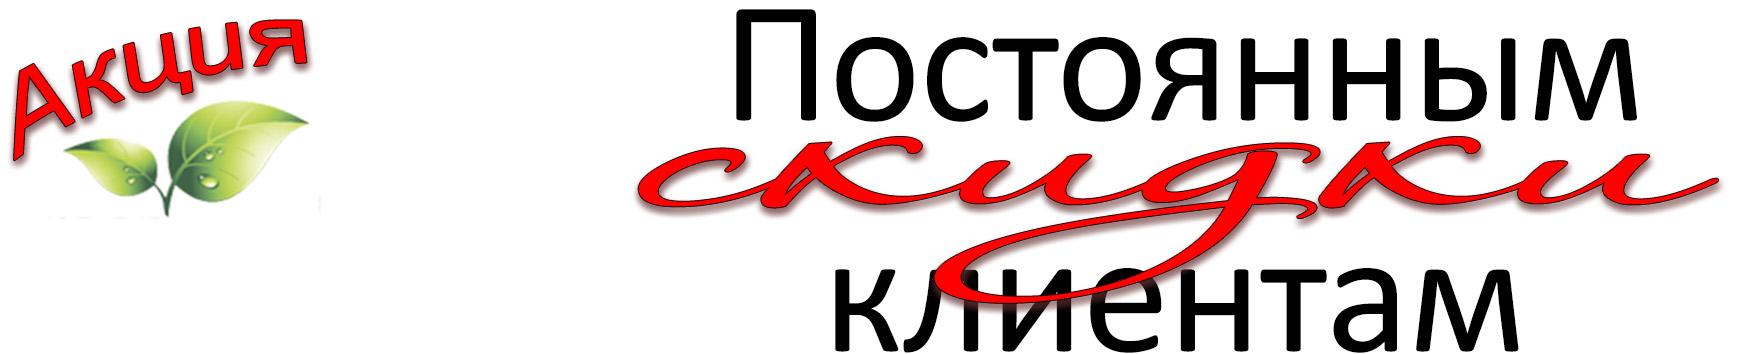 Описание: C:UsersАдминистратор.NX593456-RNDDesktopскидка5aкция.jpg